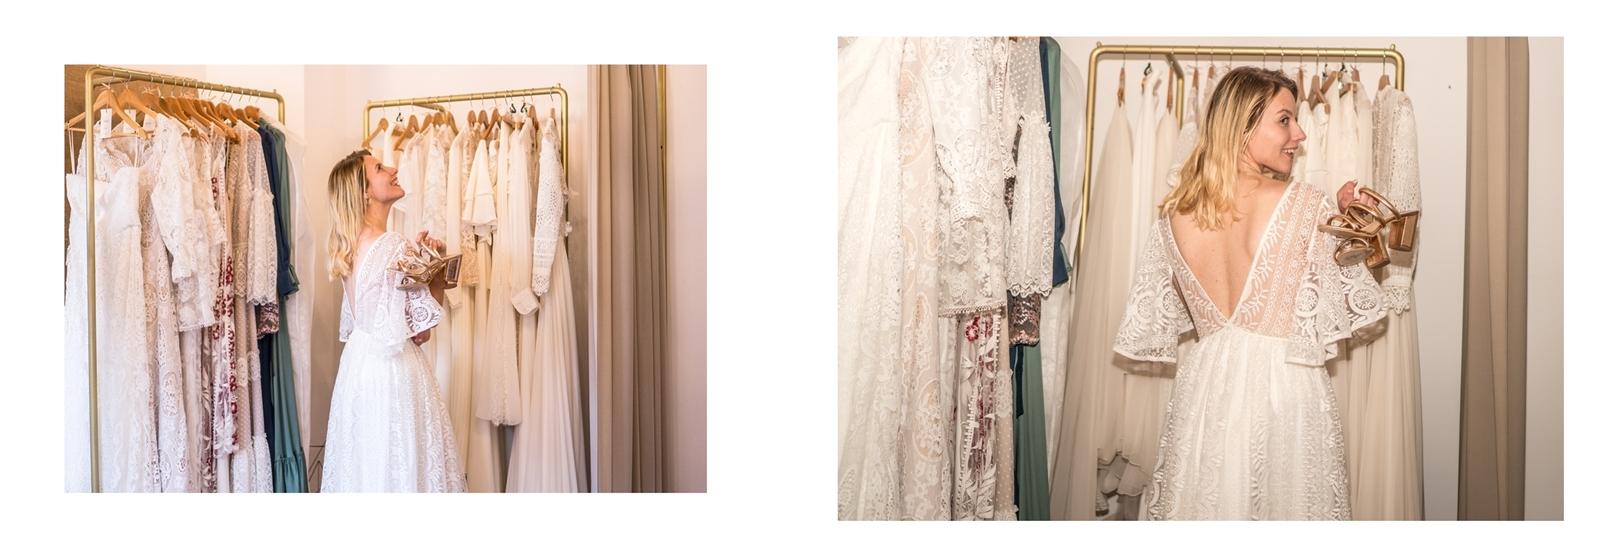 23 najmodniejsze suknie ślubne na lato 2020 jaka sukienka ślubna w czerwcu jakie buty do sukni slubnej sukienka ślubna pozńań warszawa łódź kraków katowice